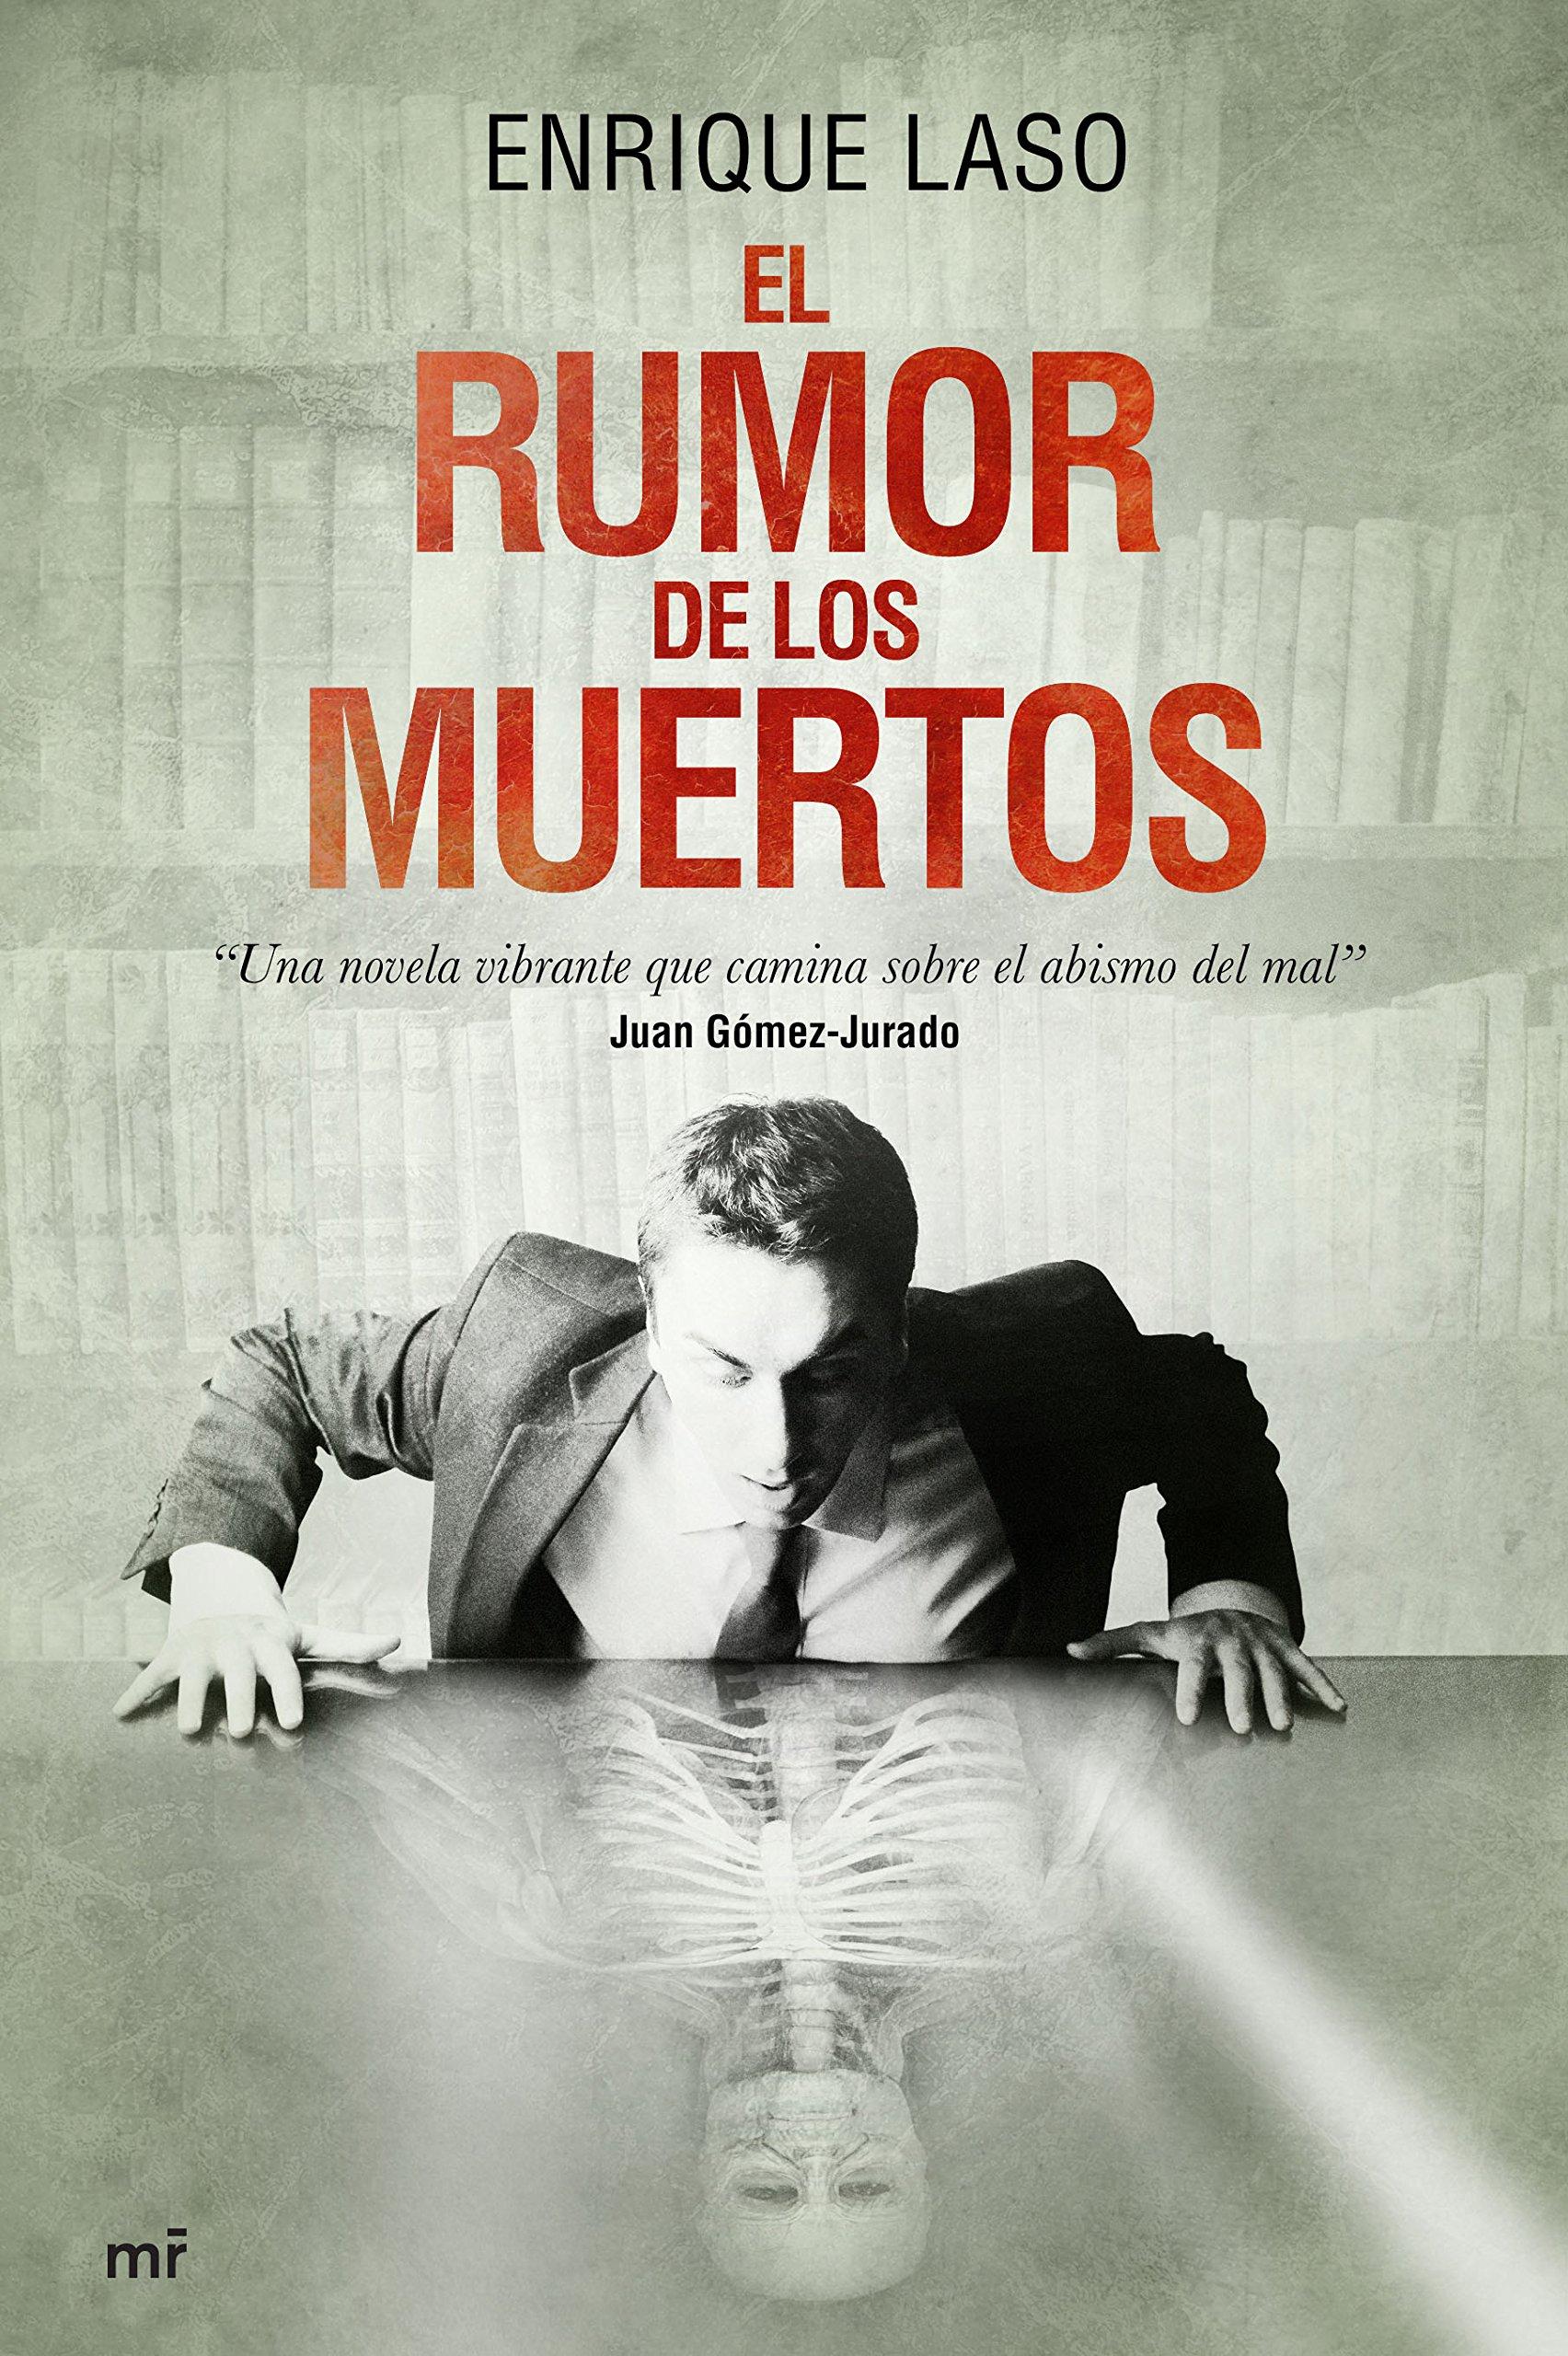 El rumor de los muertos: Amazon.de: Enrique Laso Fuentes: Fremdsprachige  Bücher